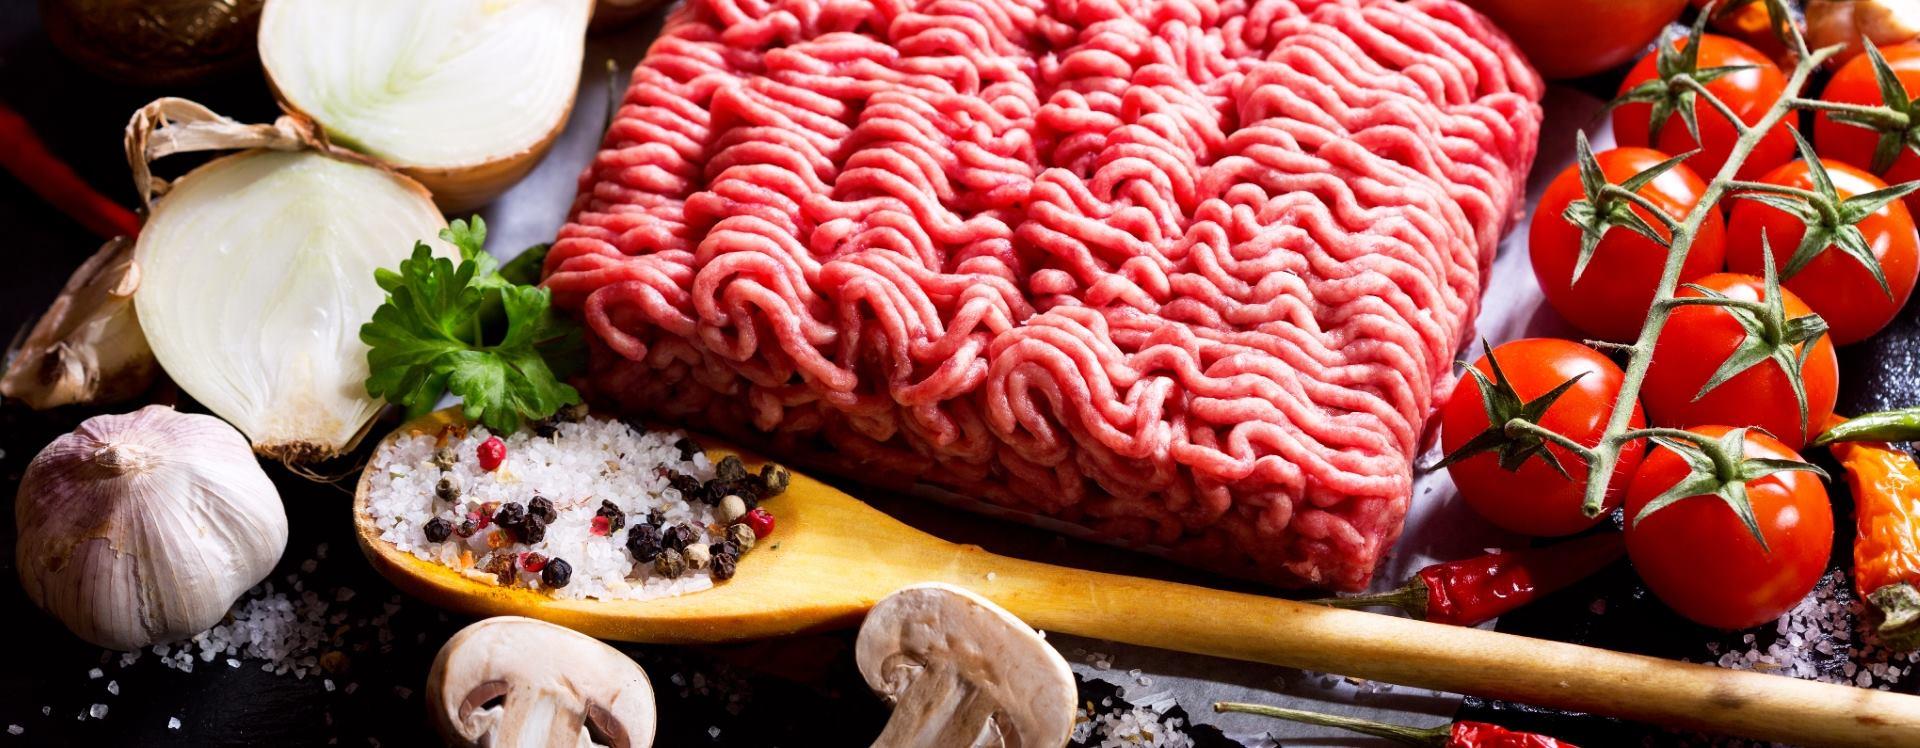 Istina o zasićenim masnoćama iz crvenog mesa